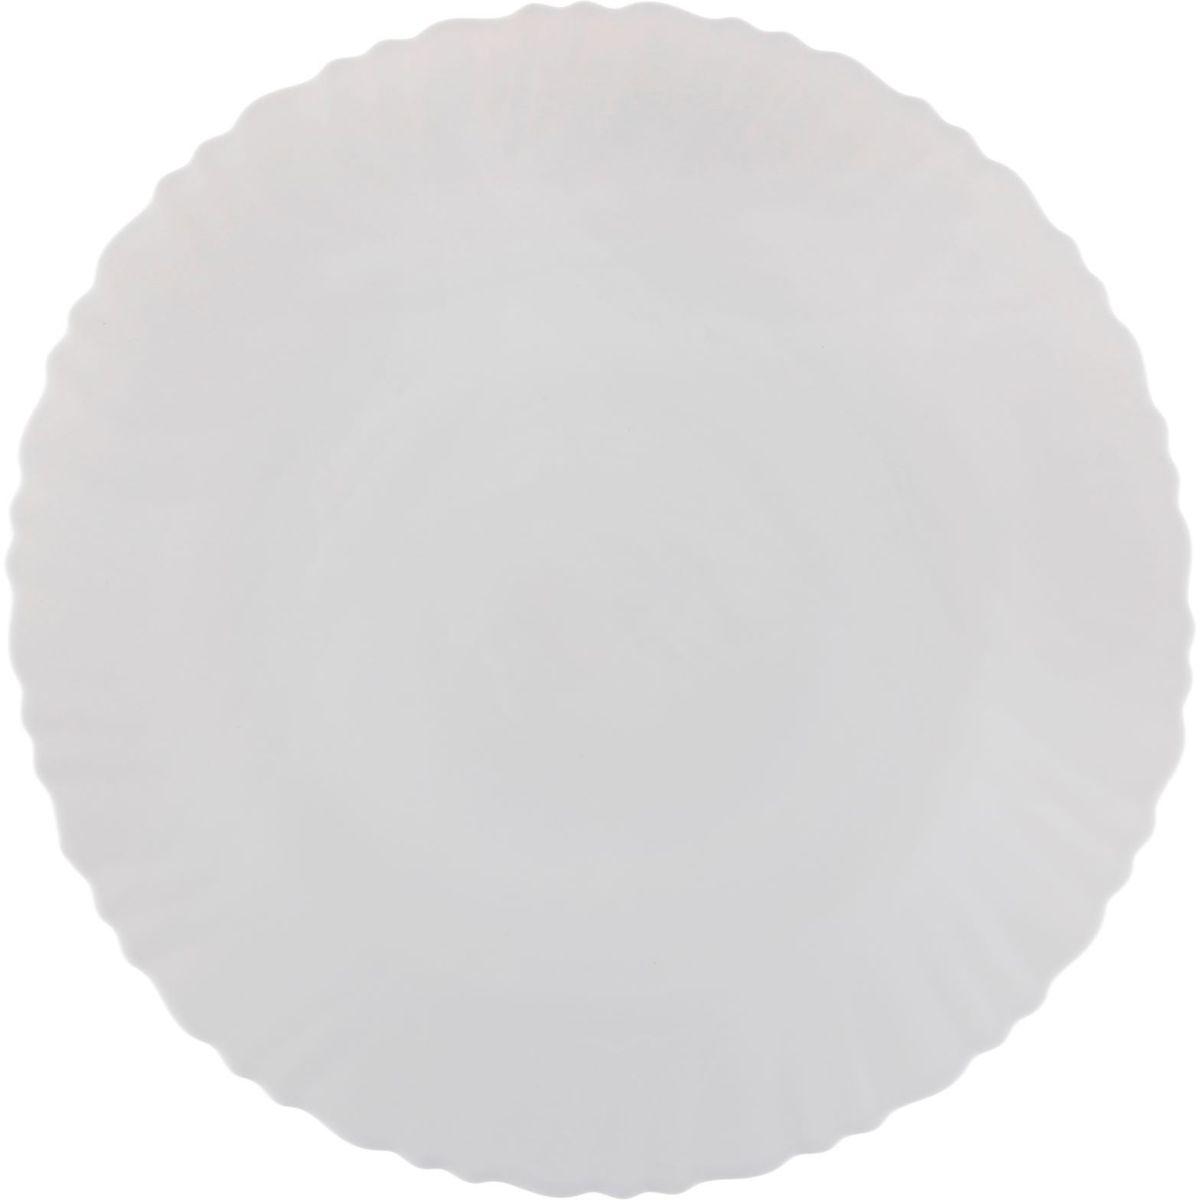 Тарелка Дива, диаметр 26 см1152121Тарелка – важнейший предмет любого застолья. Будучи во главе стола, она привлекает к себе основное внимание. А это значит – рисунок, цвет и материал играют немаловажную роль.Почему во всем мире так ценится посуда из стеклокермики?Универсальна. Ее можно использовать и для приготовления пищи, и для безопасного хранения любых готовых блюд. В такой посуде можно кипятить, варить, жарить парить, тушить и запекать любые продукты.Ударопрочна и травмобезопасна. Термическое стекло – очень прочный материал, который не поддается механическим нагрузкам, не бьется, не колется и не трескается.Термически устойчива (жаропрочна). Посуда не деформируется при нагреве и подходит для СВЧ-печей.Химически инертна. Стеклянные поверхности посуды совершенно нечувствительны к воздействию моющих и чистящих средств.Экологически и гигиенически безопасна. Стеклокерамика – исключительно «чистый» материал, не выделяющий вредных летучих соединений даже при сильном нагреве, не впитывает запахов и не передает их хранящейся или готовящейся пище.Удобна в уходе. Моется обычной теплой водой, не формирует накипь и нагар.Эстетически привлекательна. Прозрачное, матовое и тонированное термическое стекло имеет оригинальный вид, который сохраняется в любых технических условиях на долгие годы.